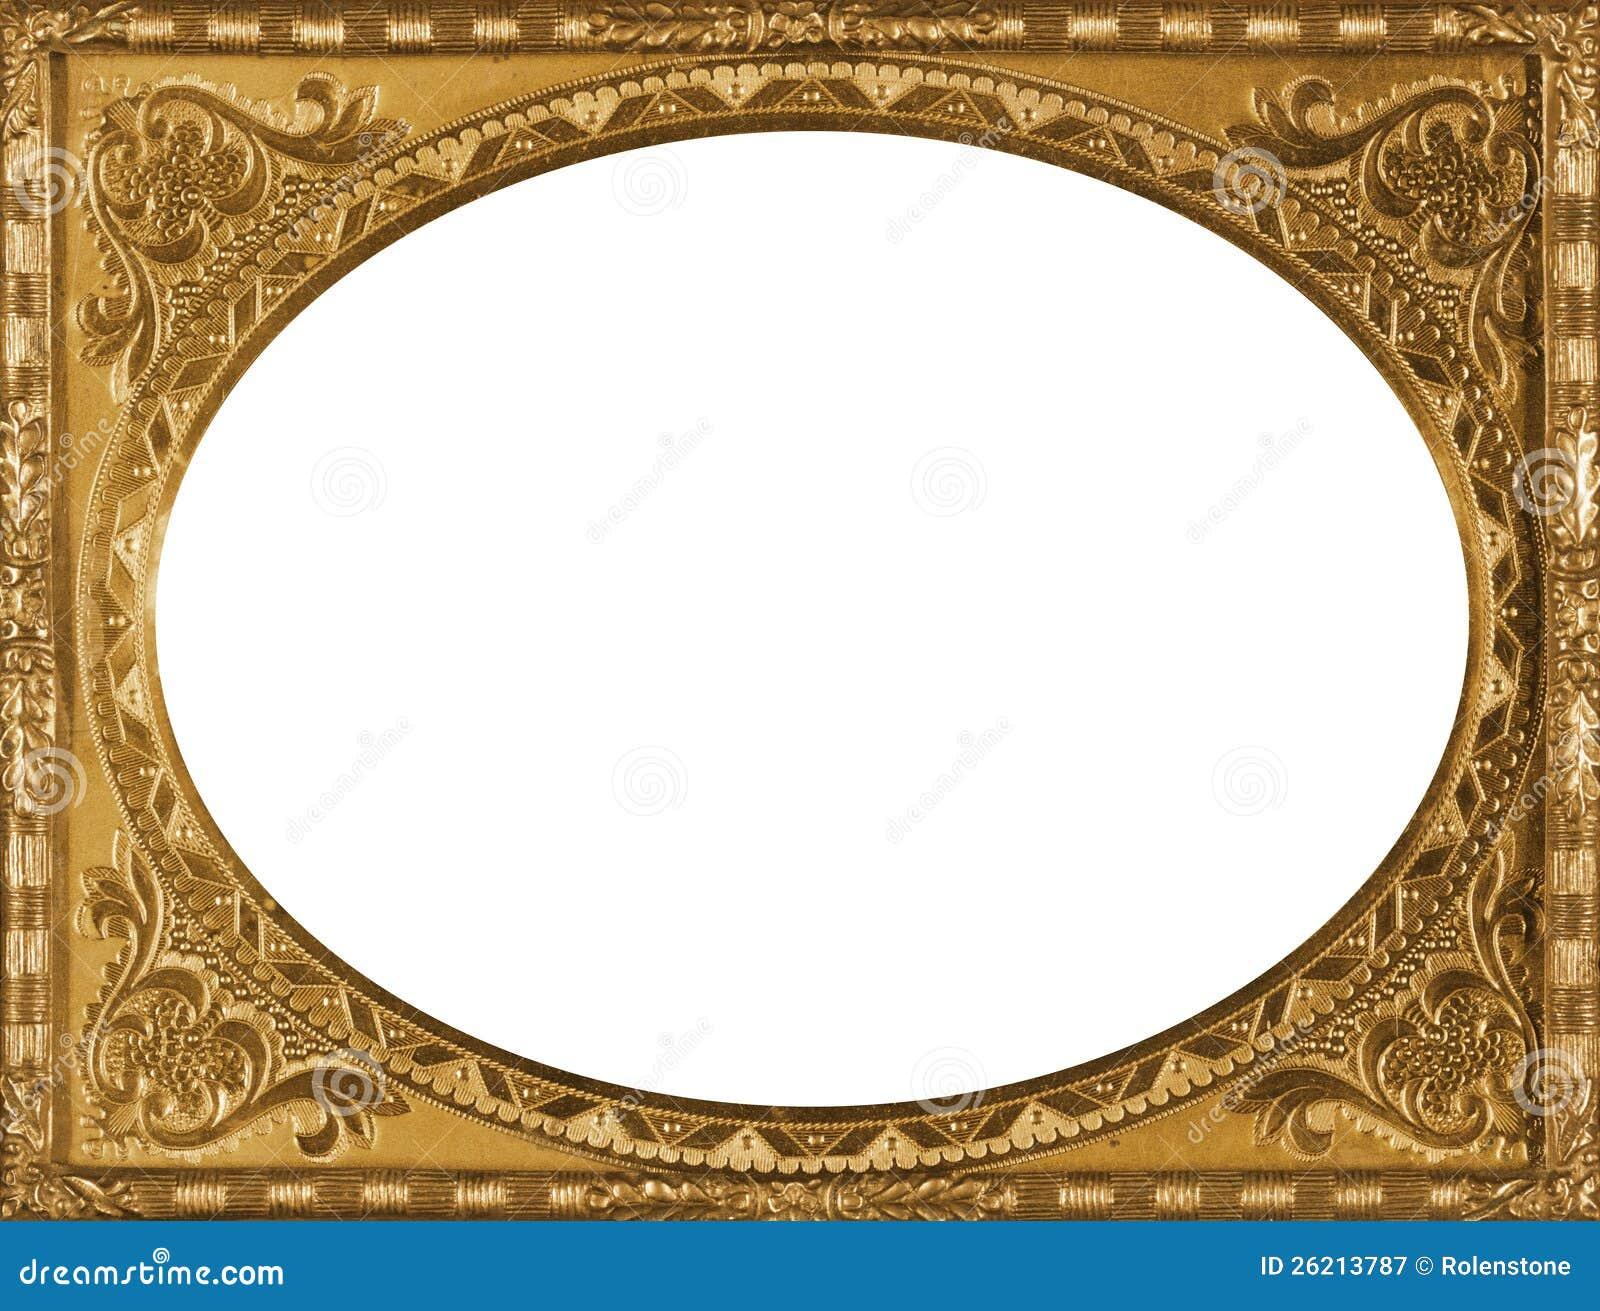 gold frame border vintage vintage gold frame stock image image of decoration old 26213787